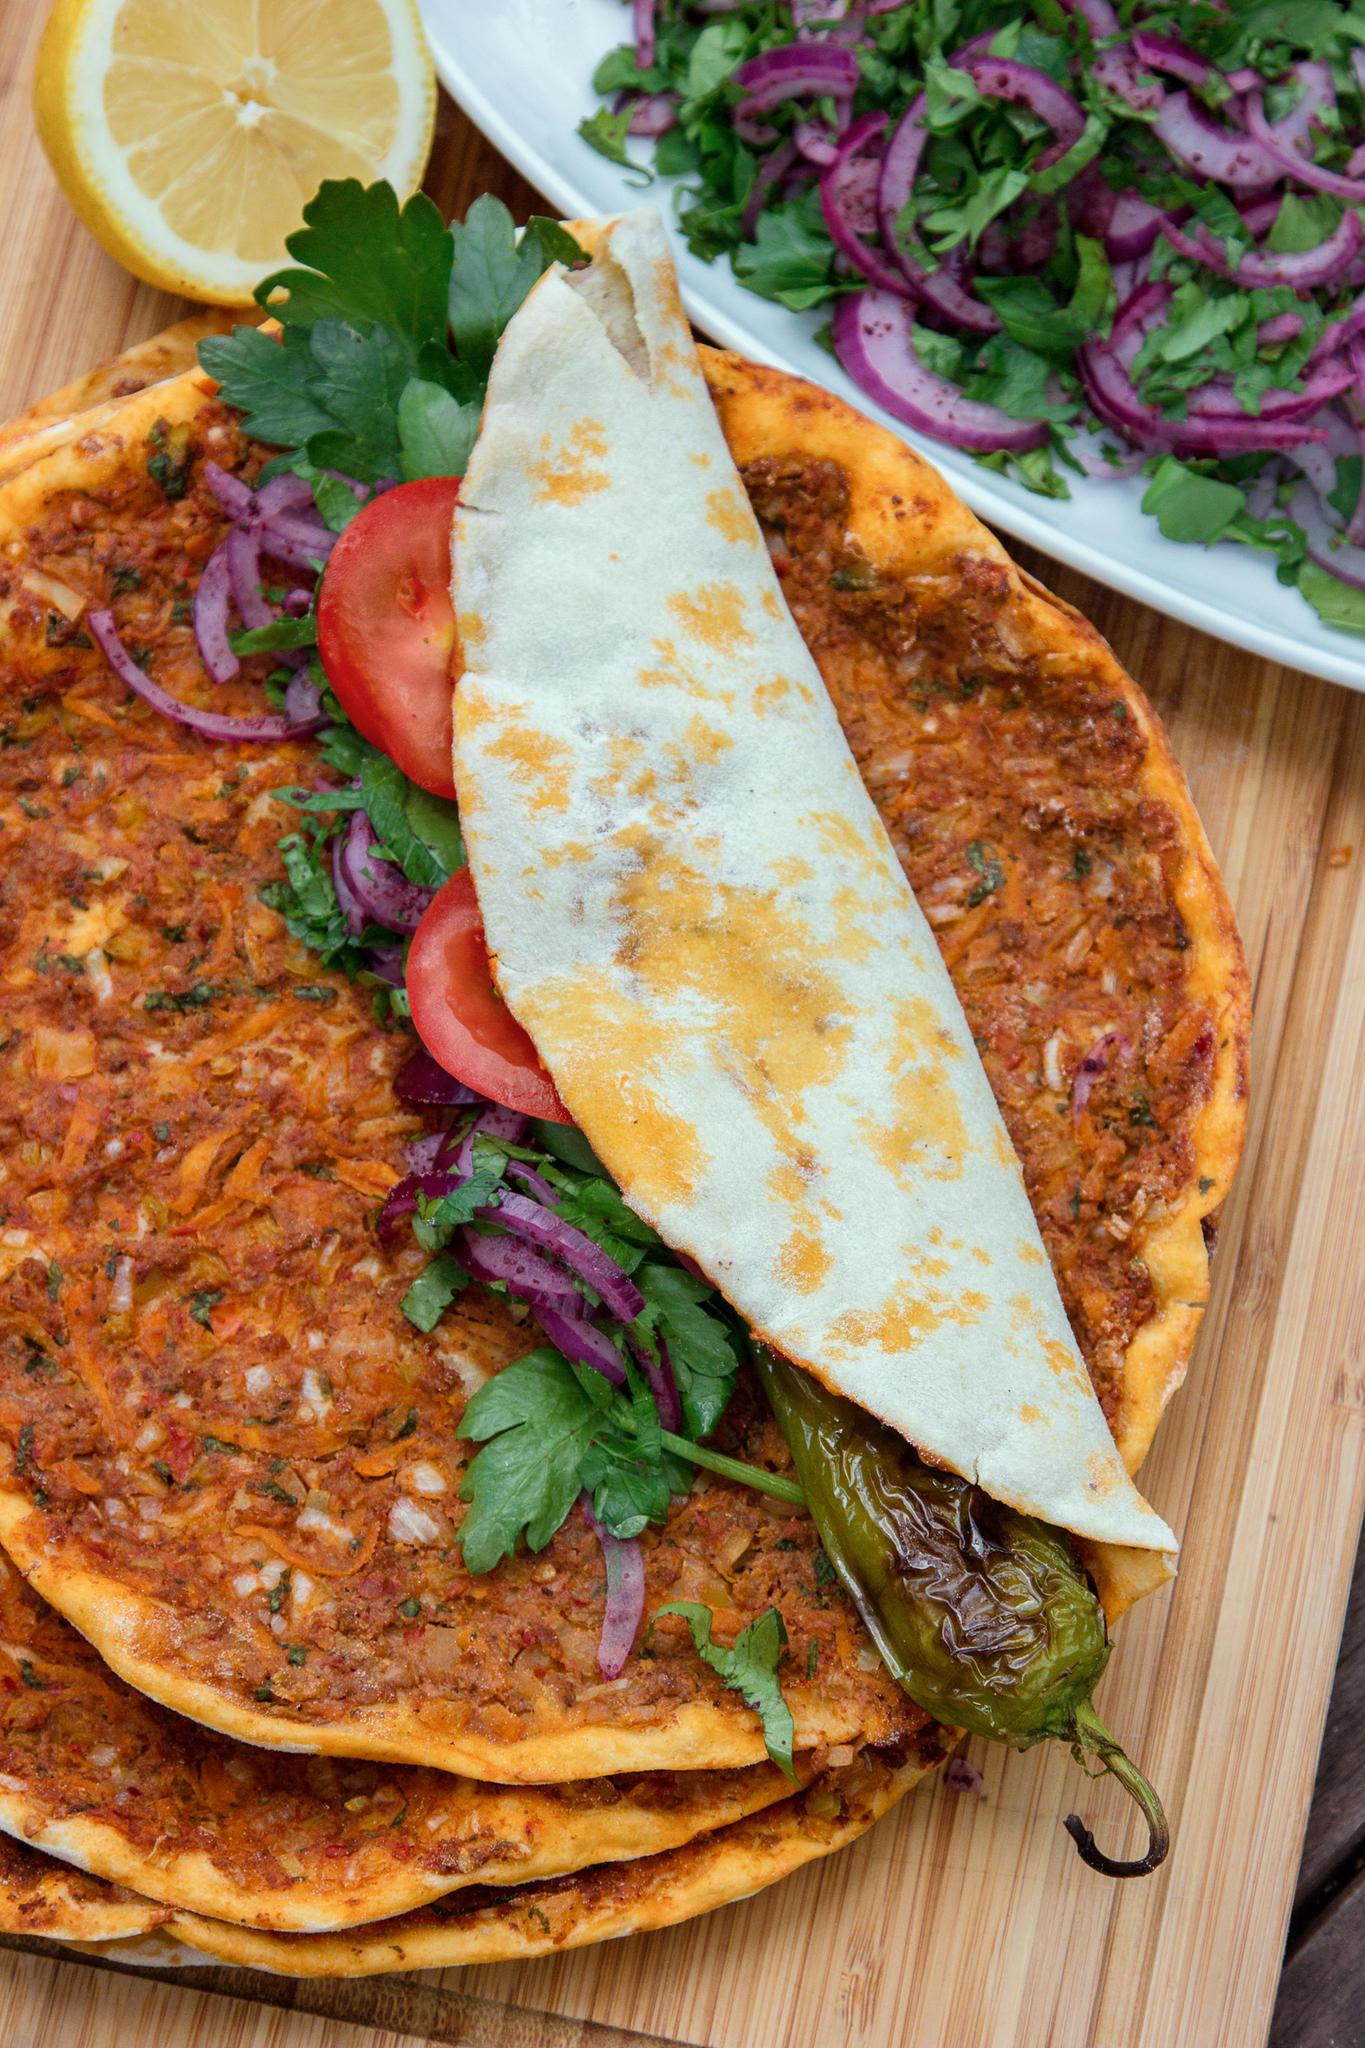 Türkische Küche: Döner, Köfte & Co selber machen | BRIGITTE.de